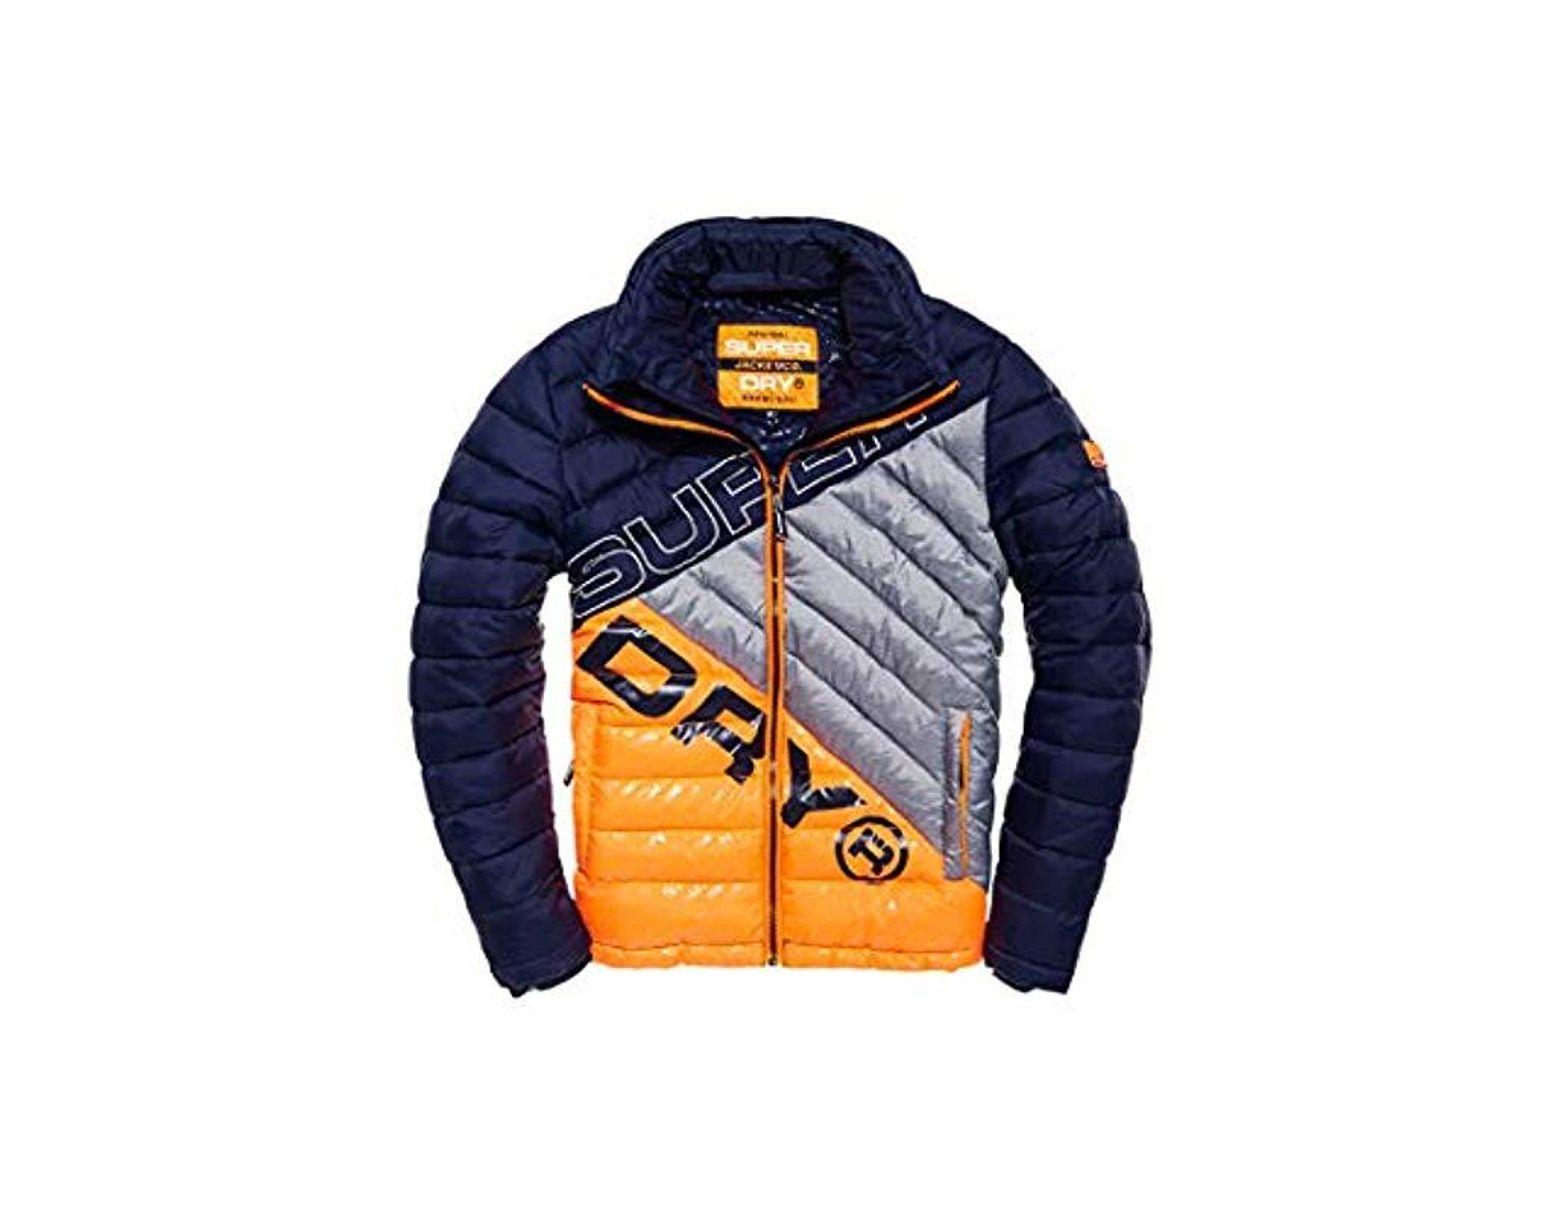 fa945b962d7 Men's Blue Incline Quilt Jacket Coat